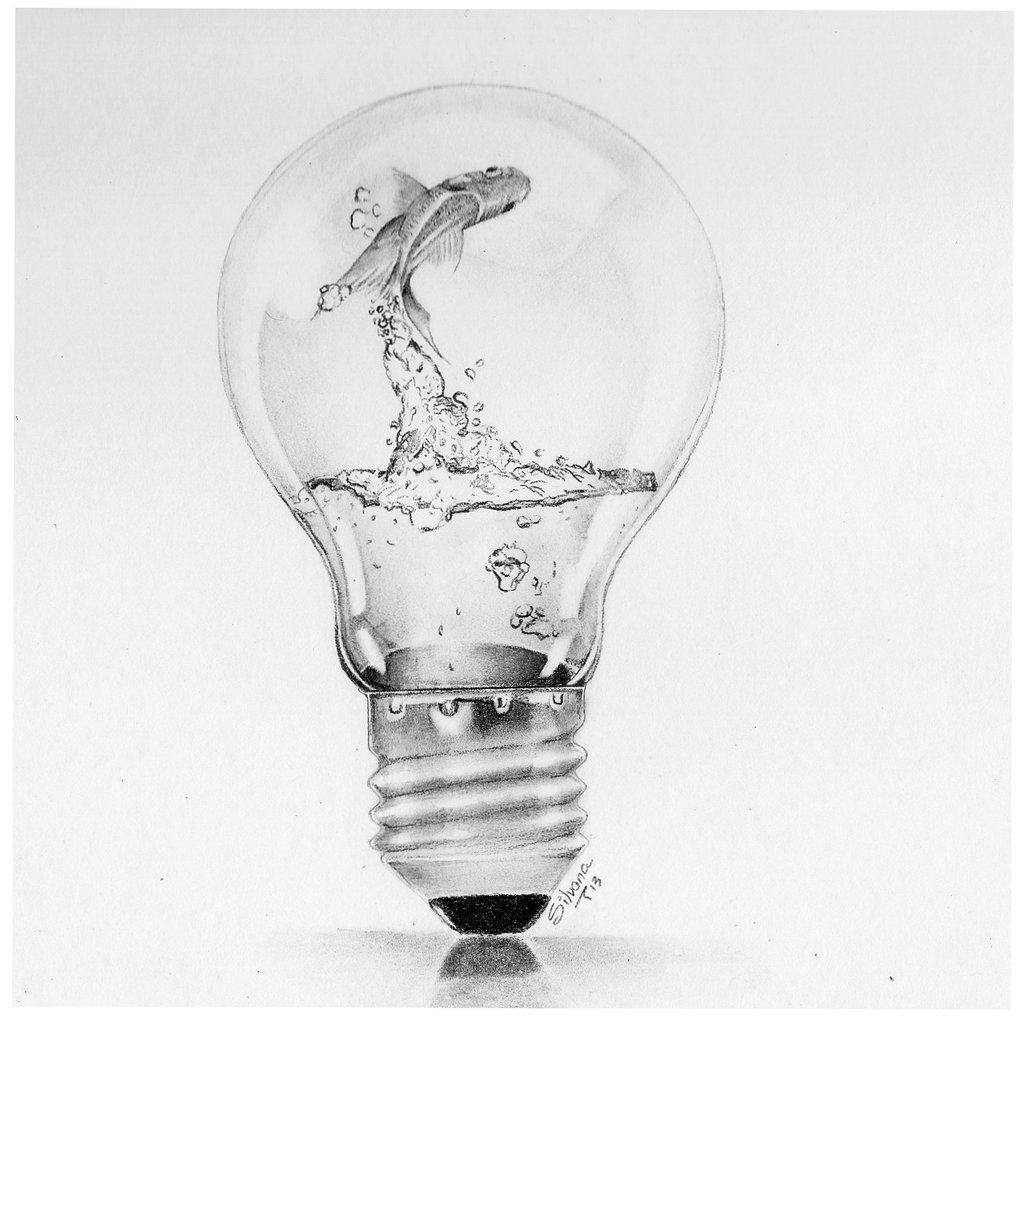 Aquarium bulb silvana de milleri flak2013 deviantart com on